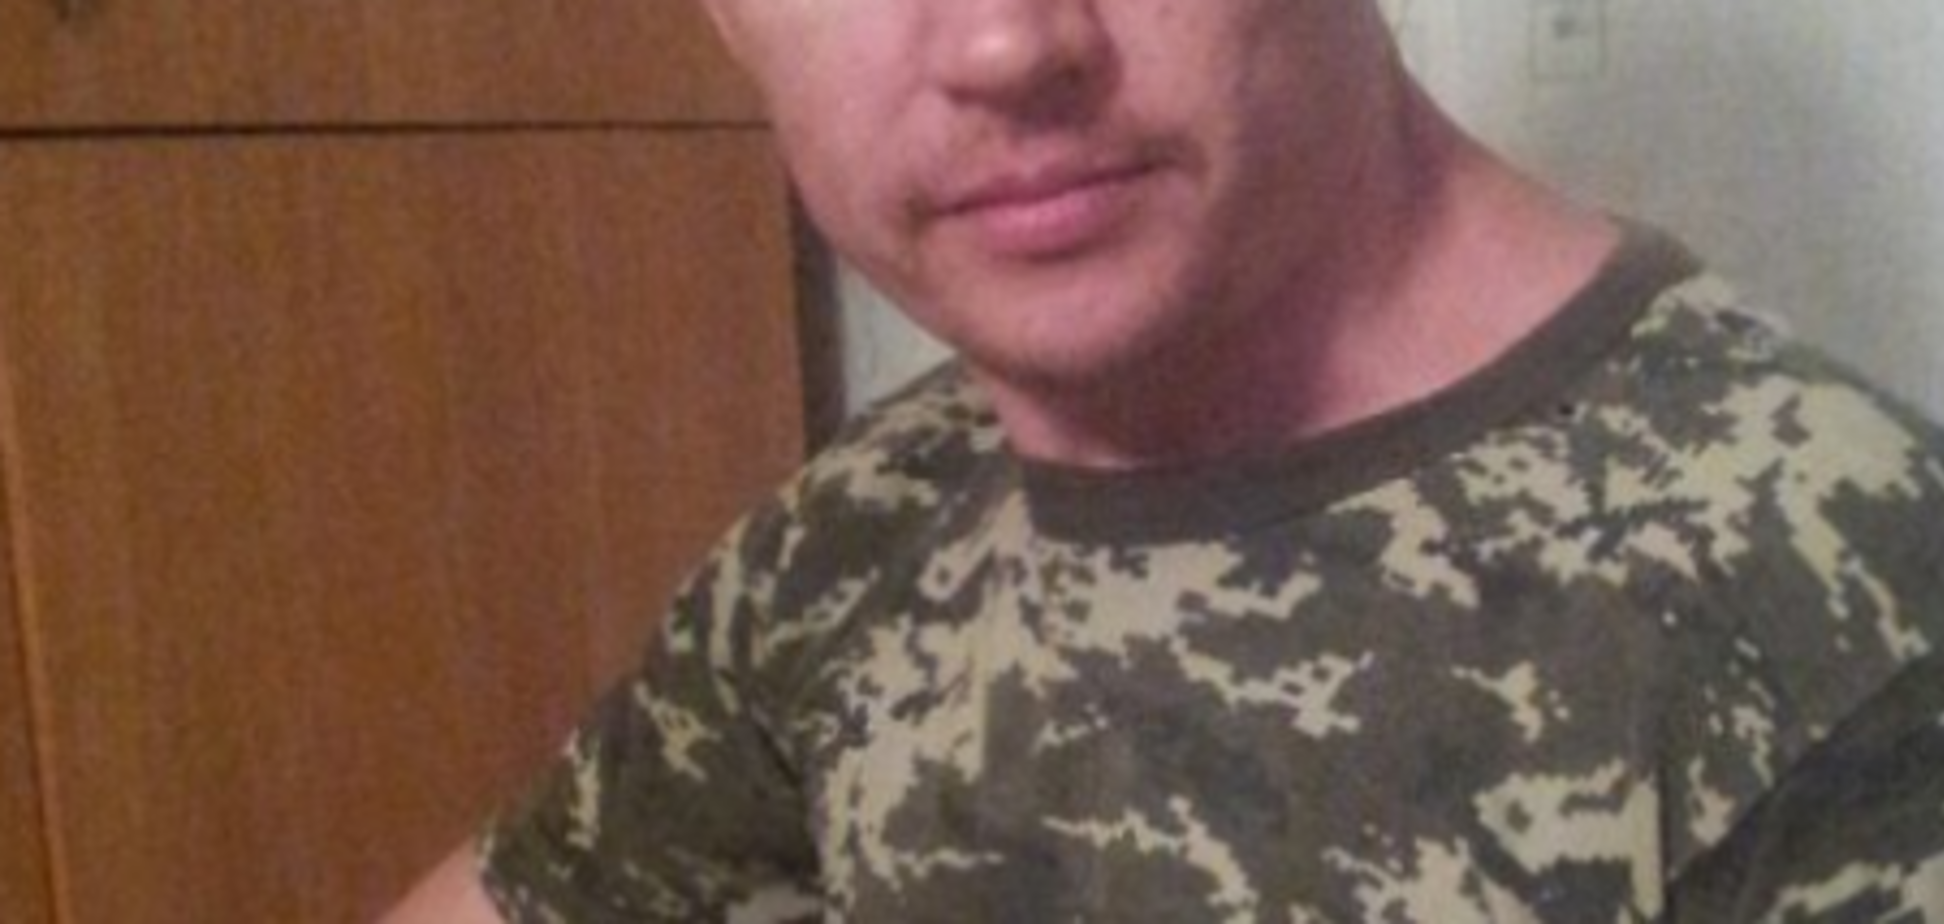 Лысый - все: в сеть попали фото еще одного ликвидированного террориста 'ДНР'